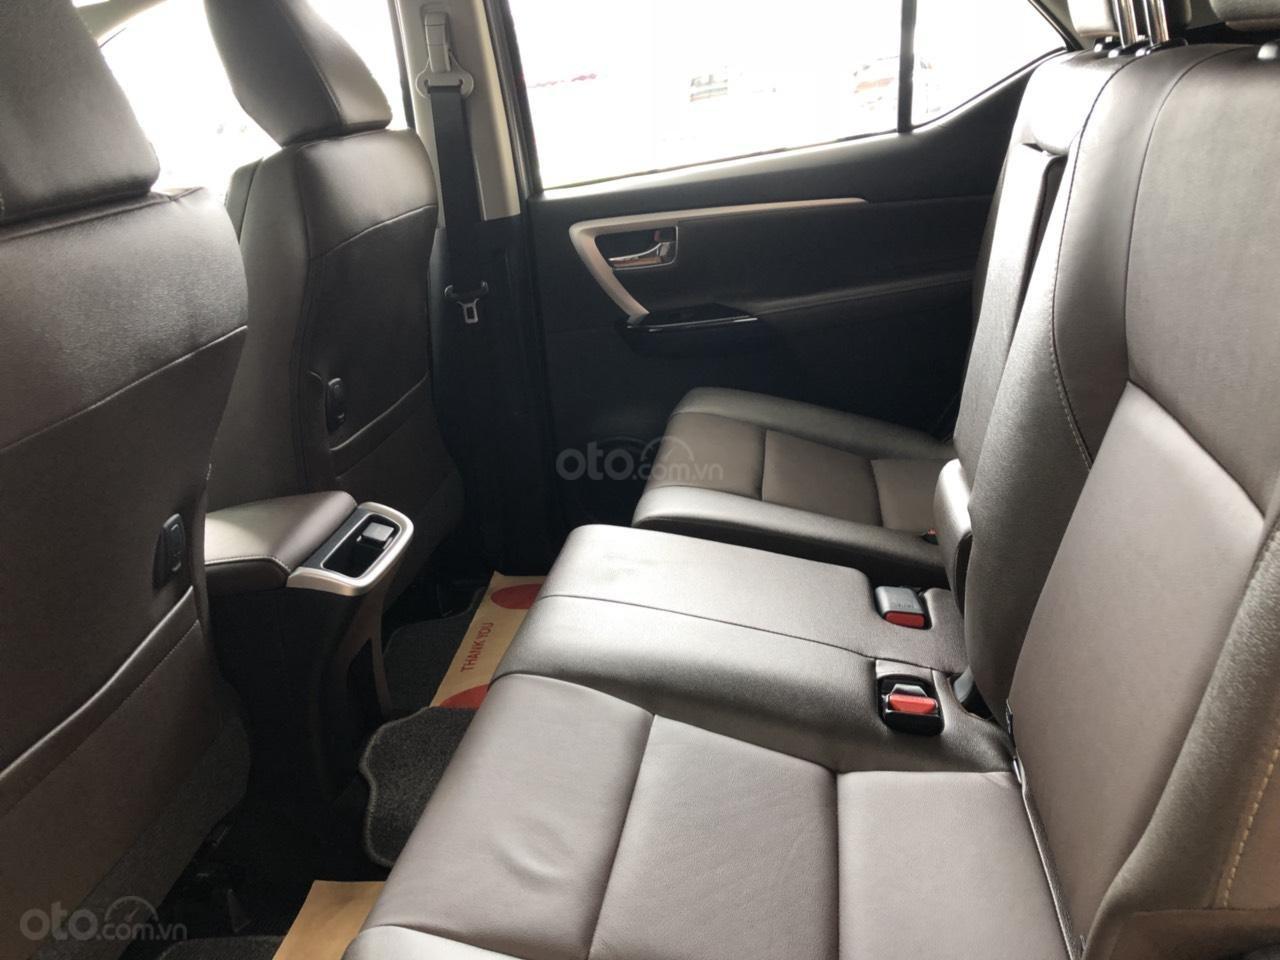 Toyota Fortuner 2.8 AT (4X4) máy dầu, năm sản xuất 2019, màu đen, nhập khẩu nguyên chiếc-2